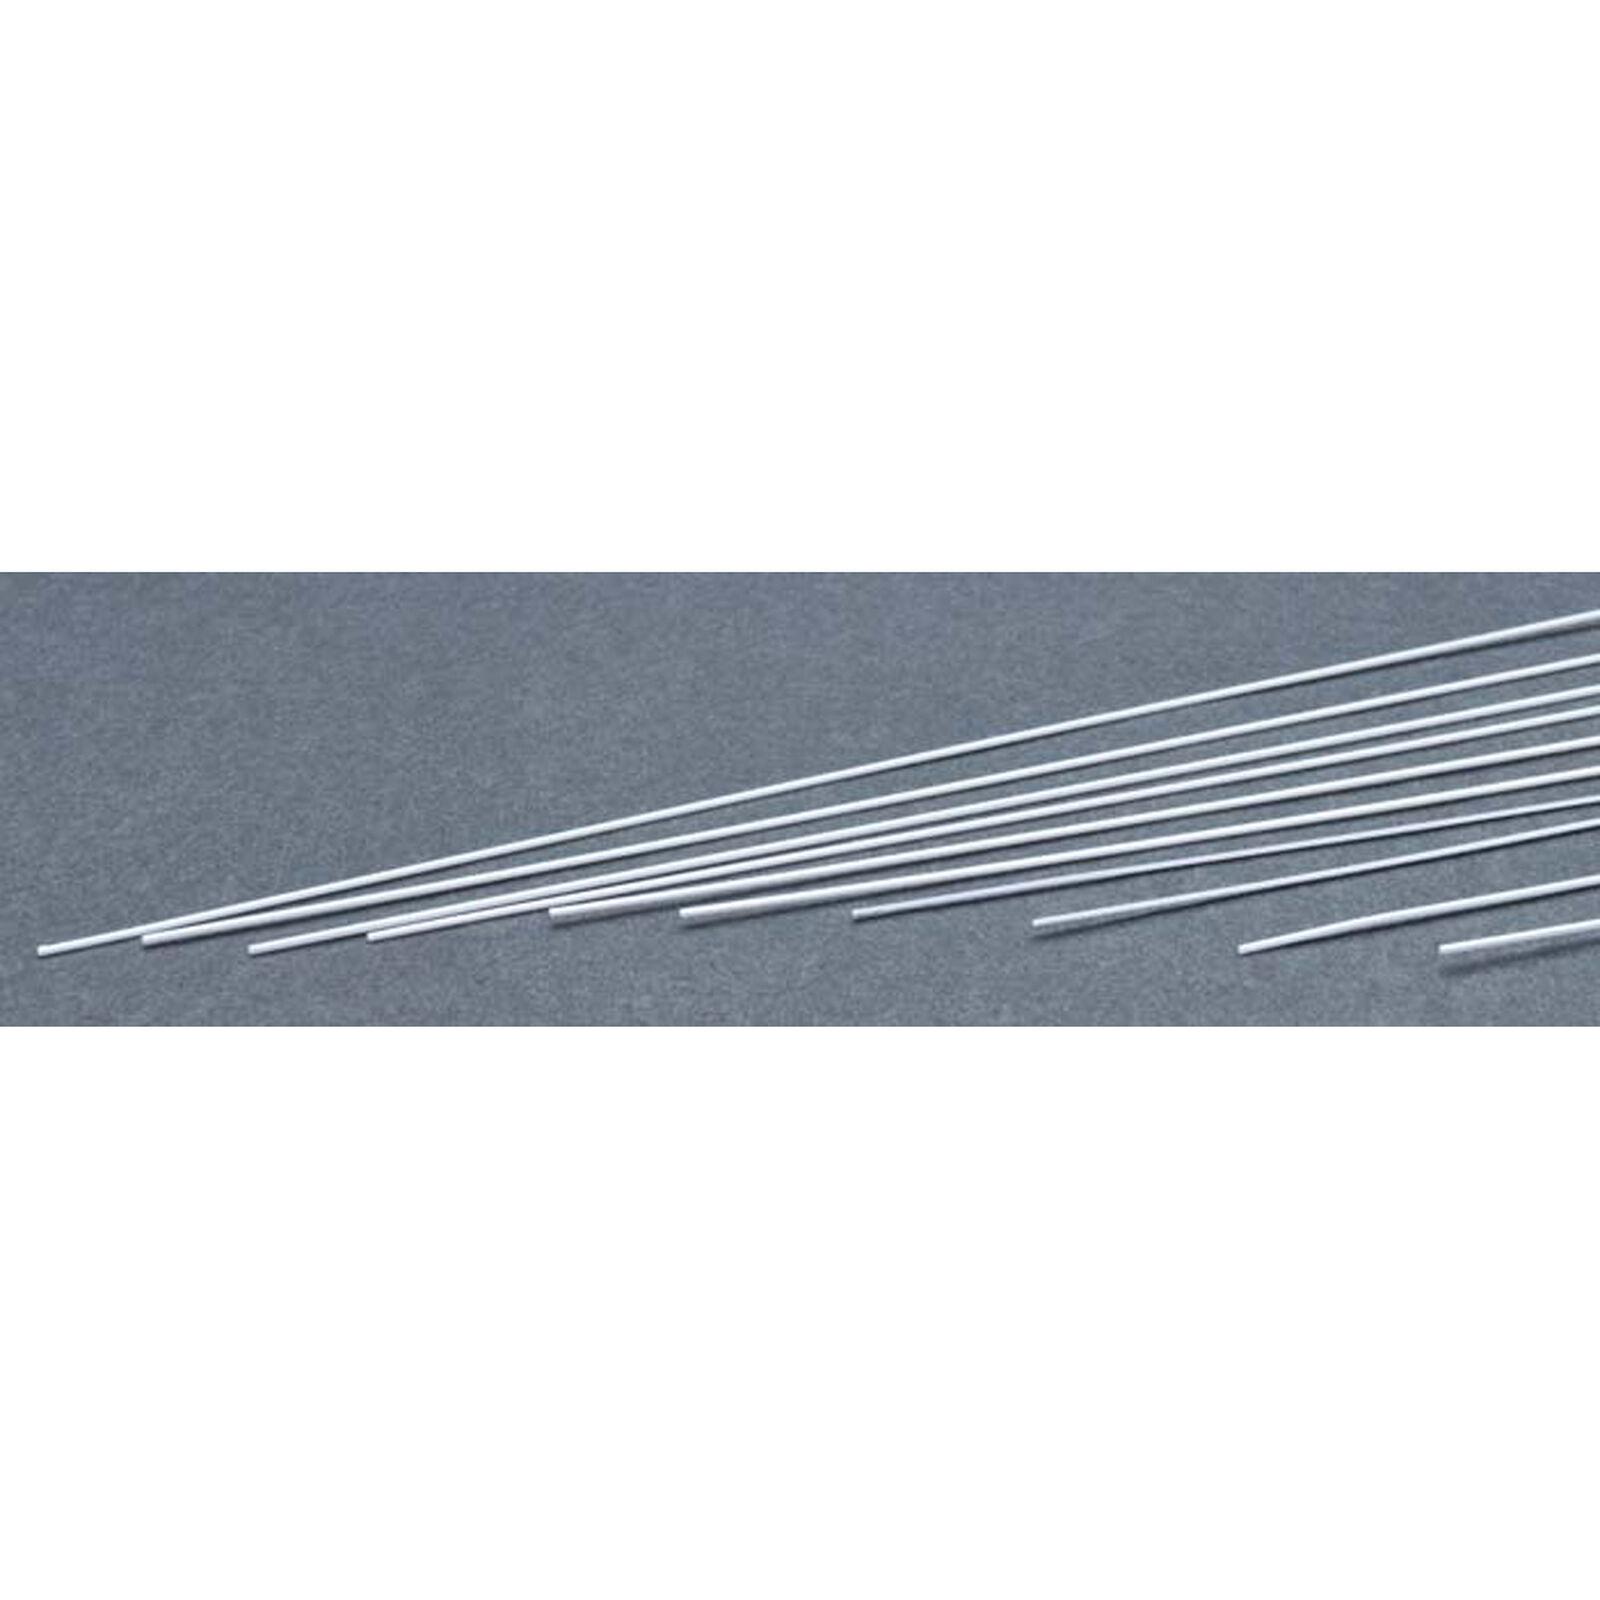 Strip .020 x .020 (10)